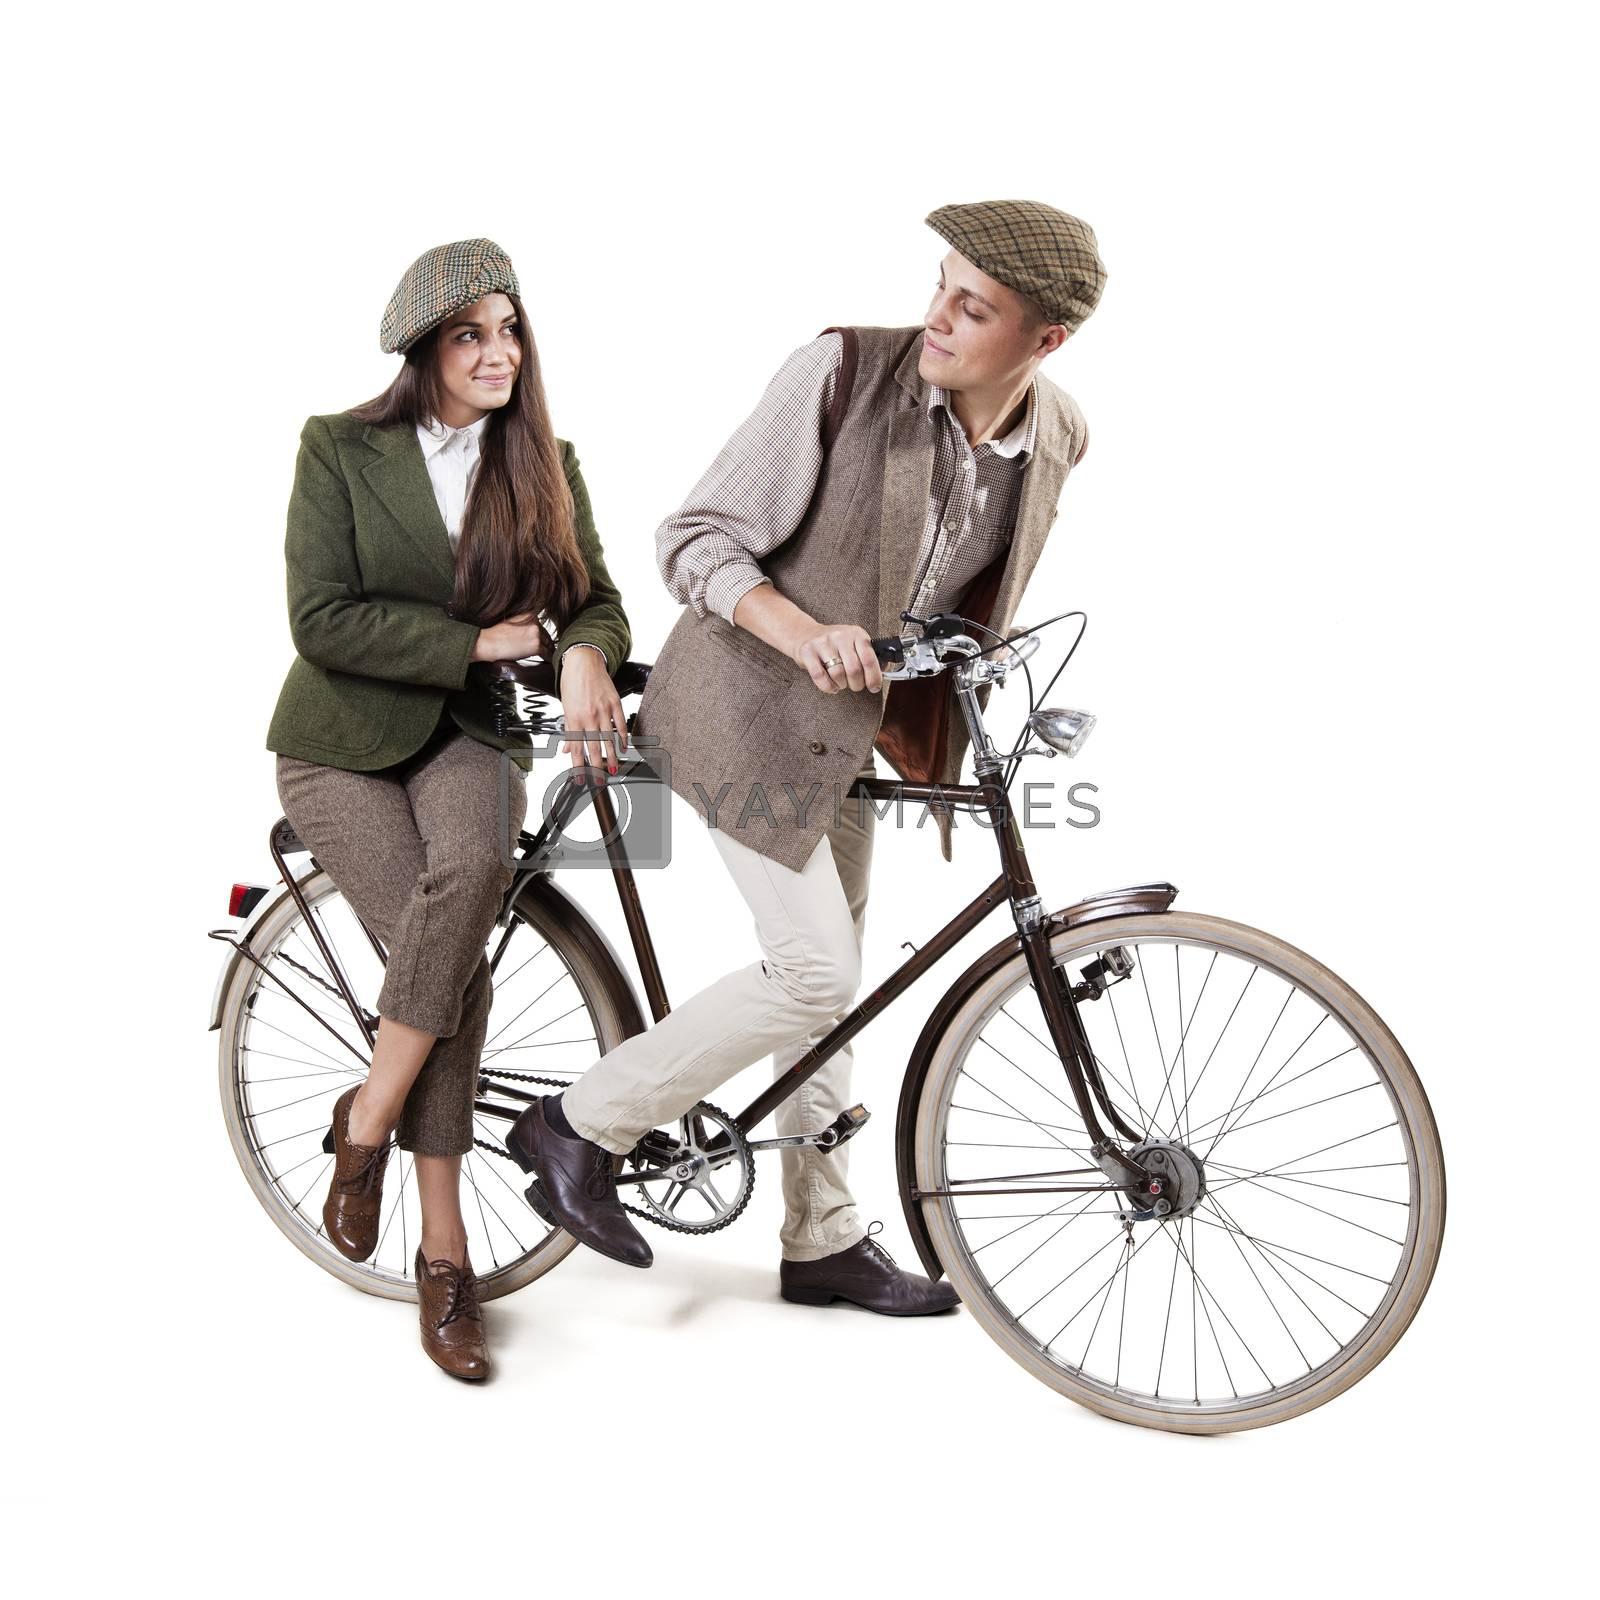 Vintage dressed couple sitting on retro bike